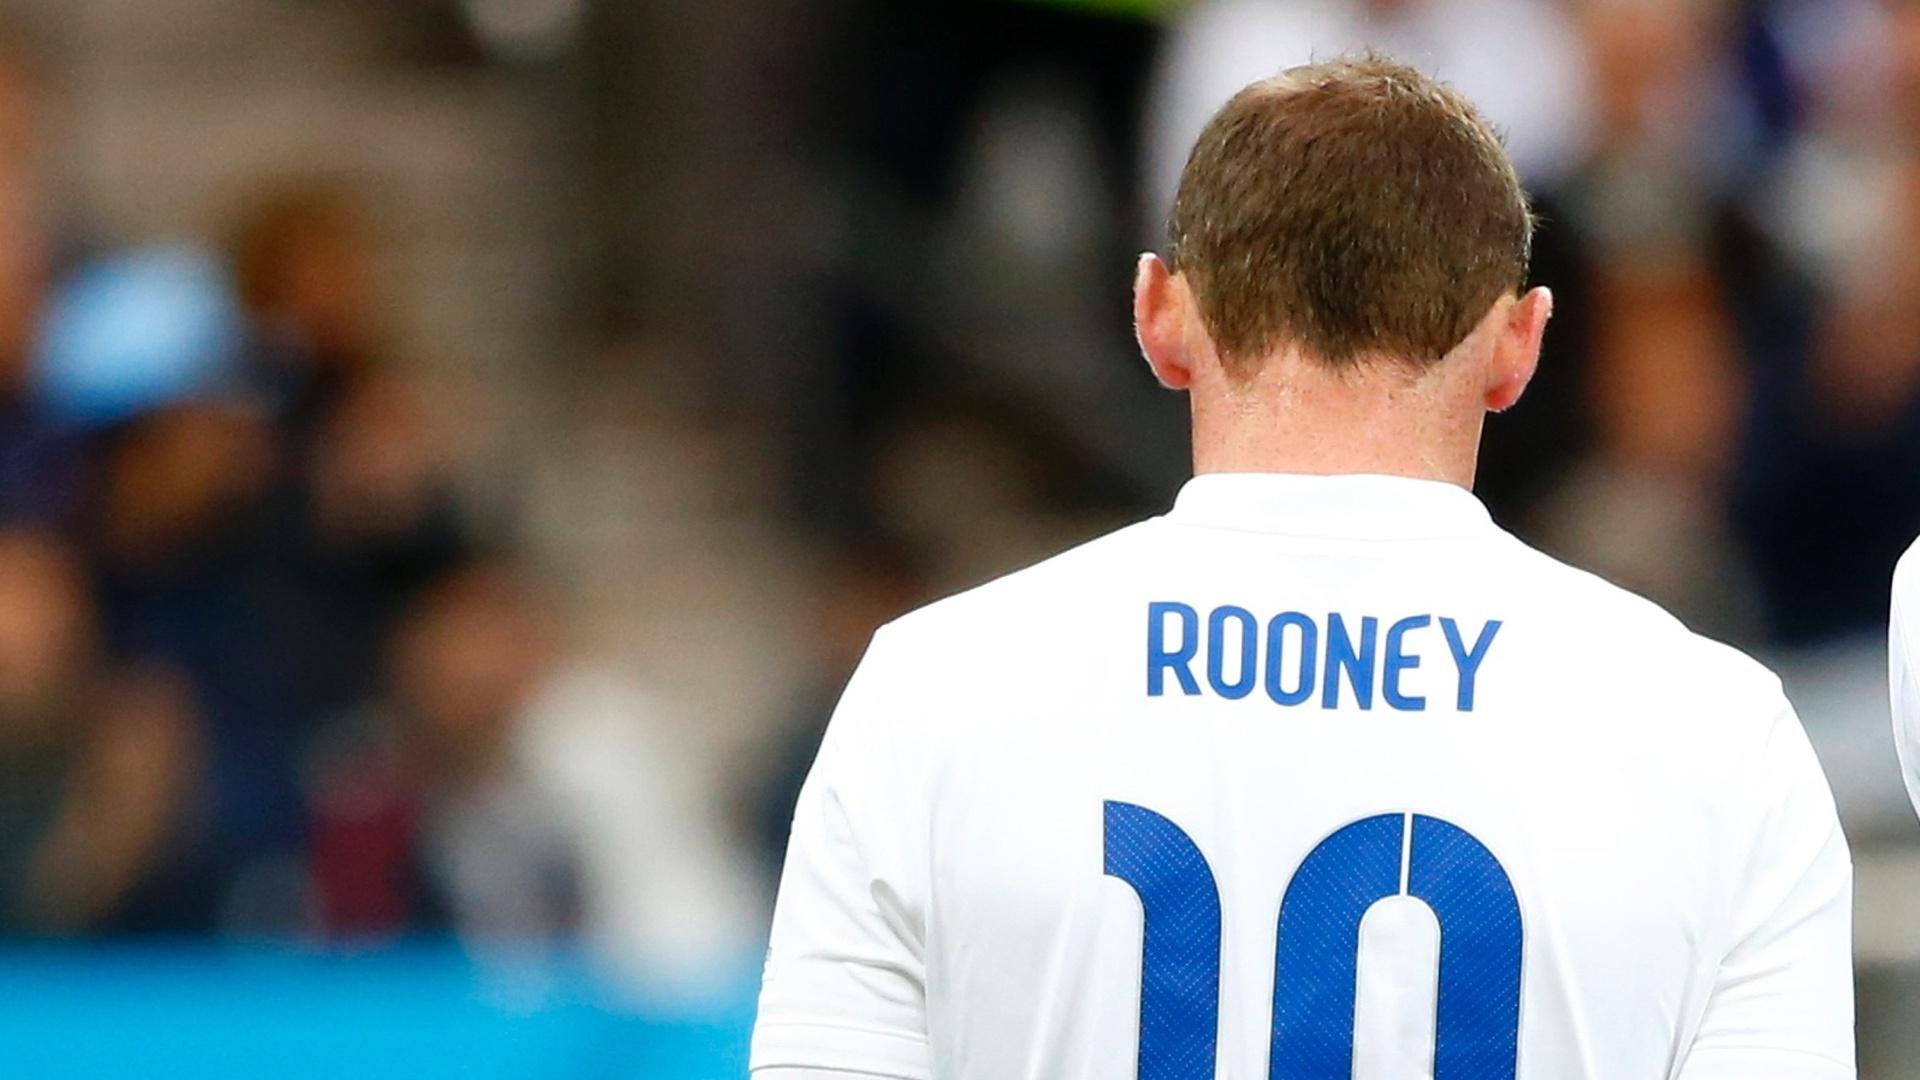 19.jun.2014 - Wayne Rooney caminha no gramado do Itaquerão, durante a partida entre Inglaterra e Uruguai